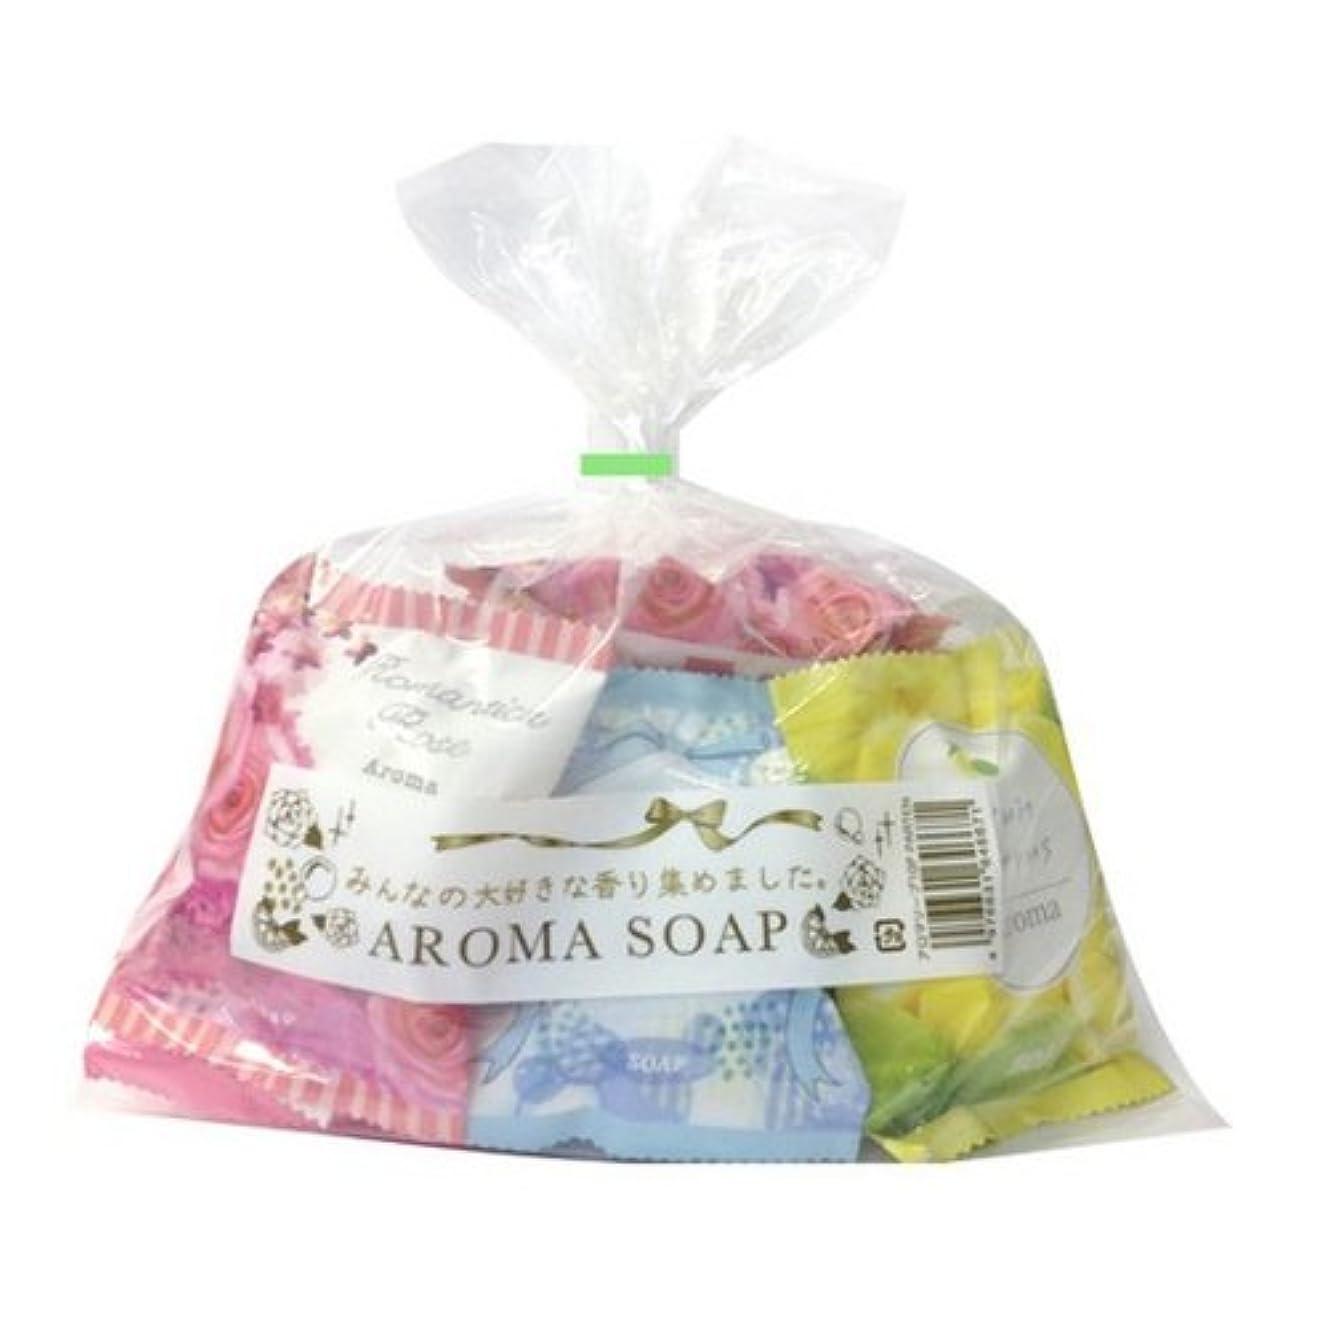 列挙する期限安定ペリカン石鹸 アロマソープ 10個セット